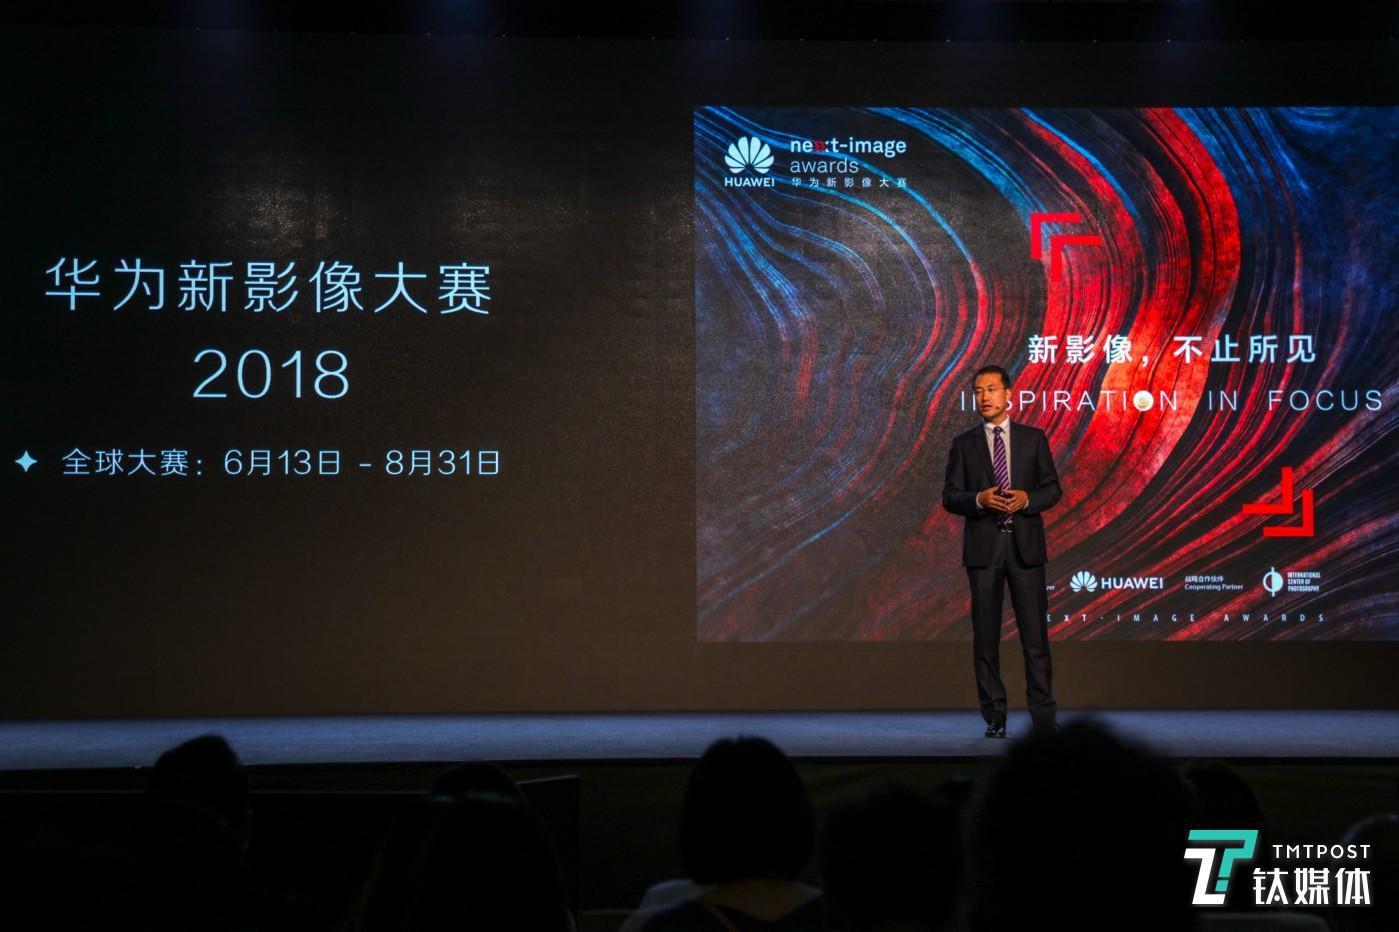 2018华为新影像大赛正式启动